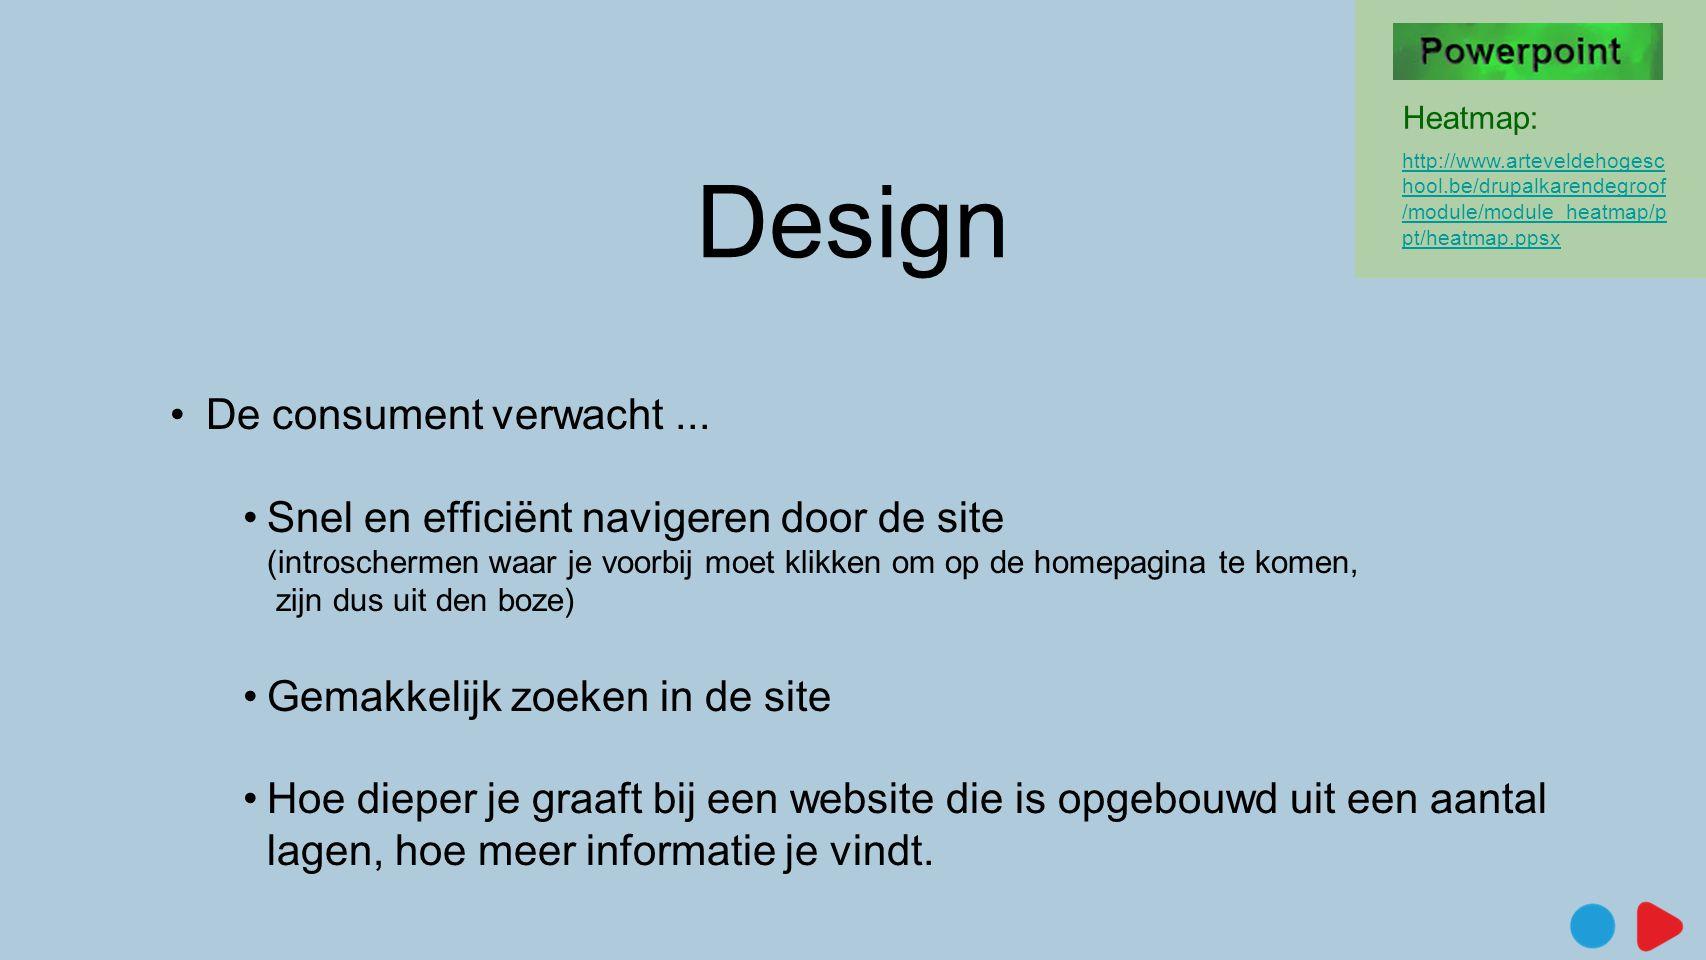 Design De consument verwacht ...